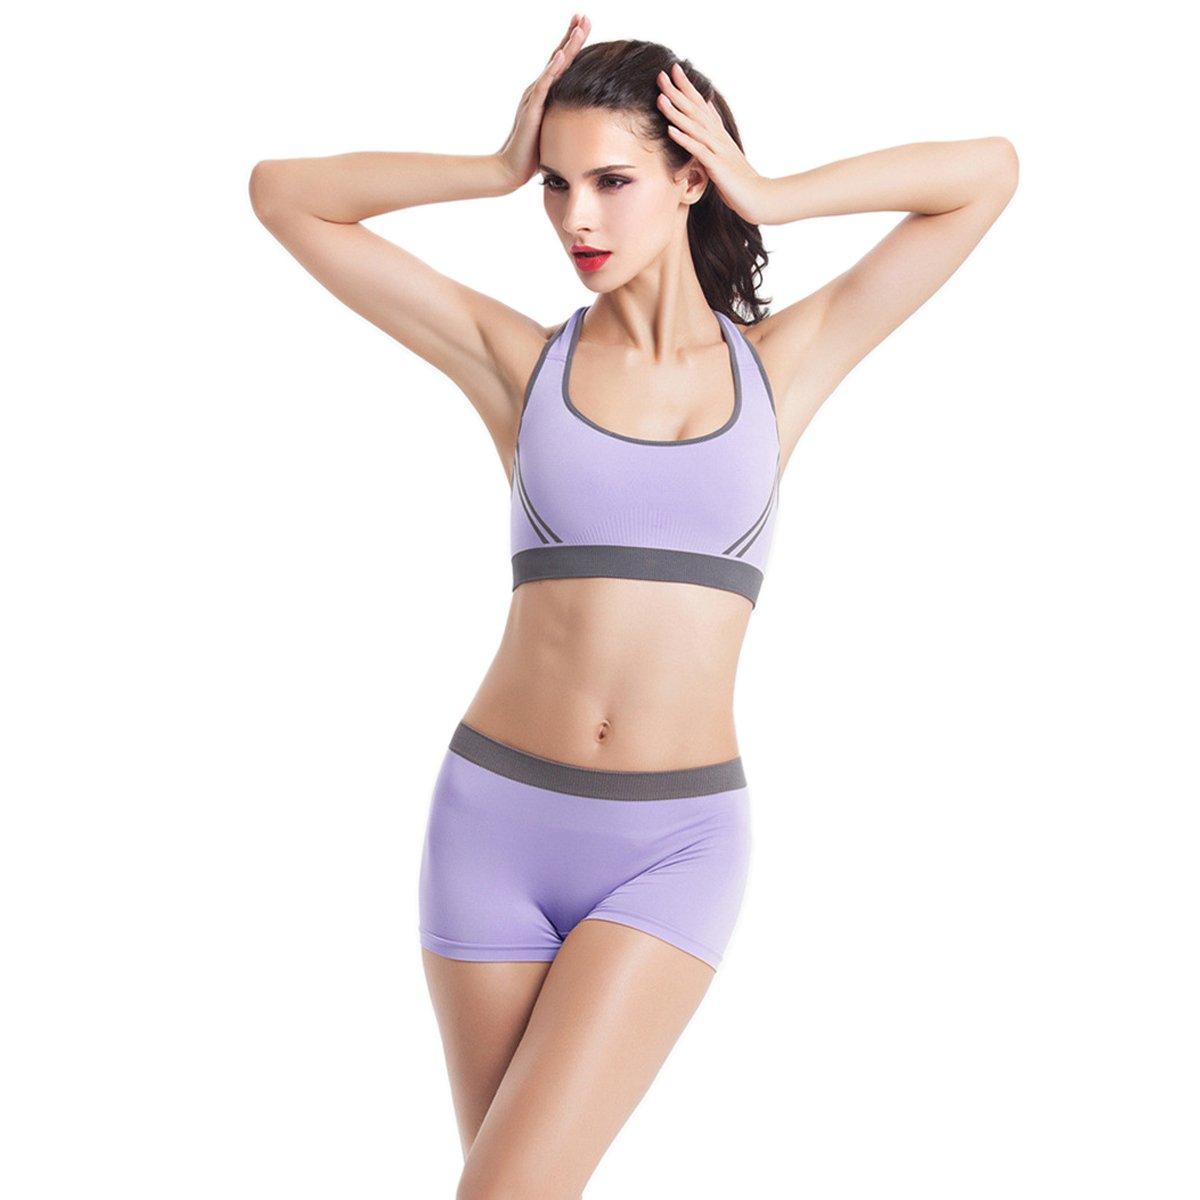 70265b3abdca7 Evaliana Women Athletic Workout Tracksuit Fitness Gym Yoga Sports Bra  Shorts Set at Amazon Women s Clothing store